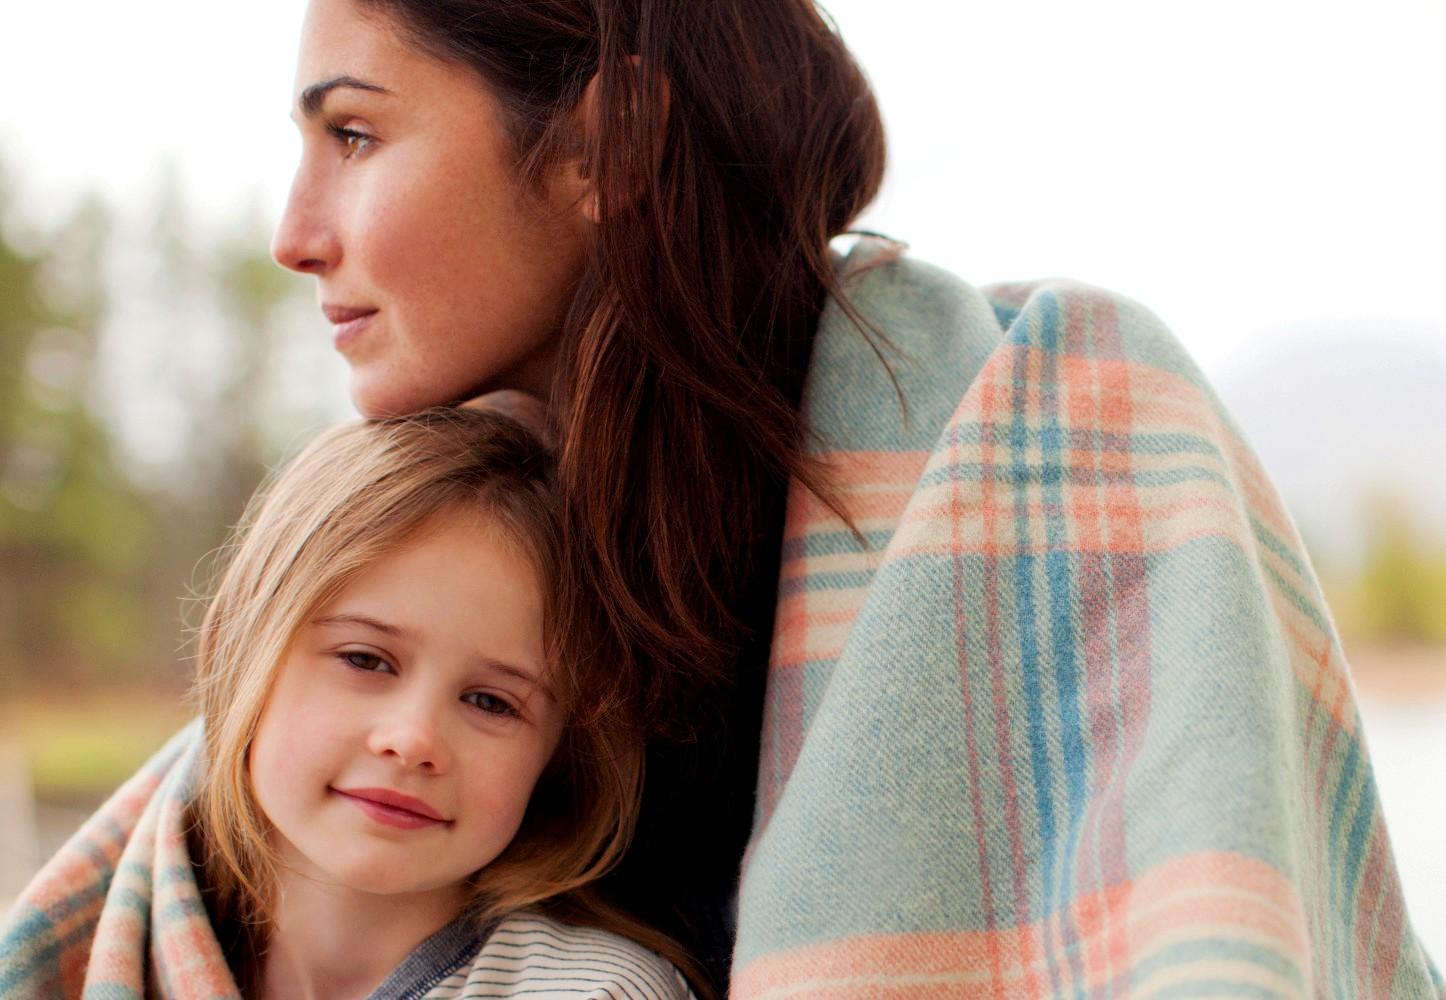 приятным ароматом фото мама одиночка вызвать специалистов